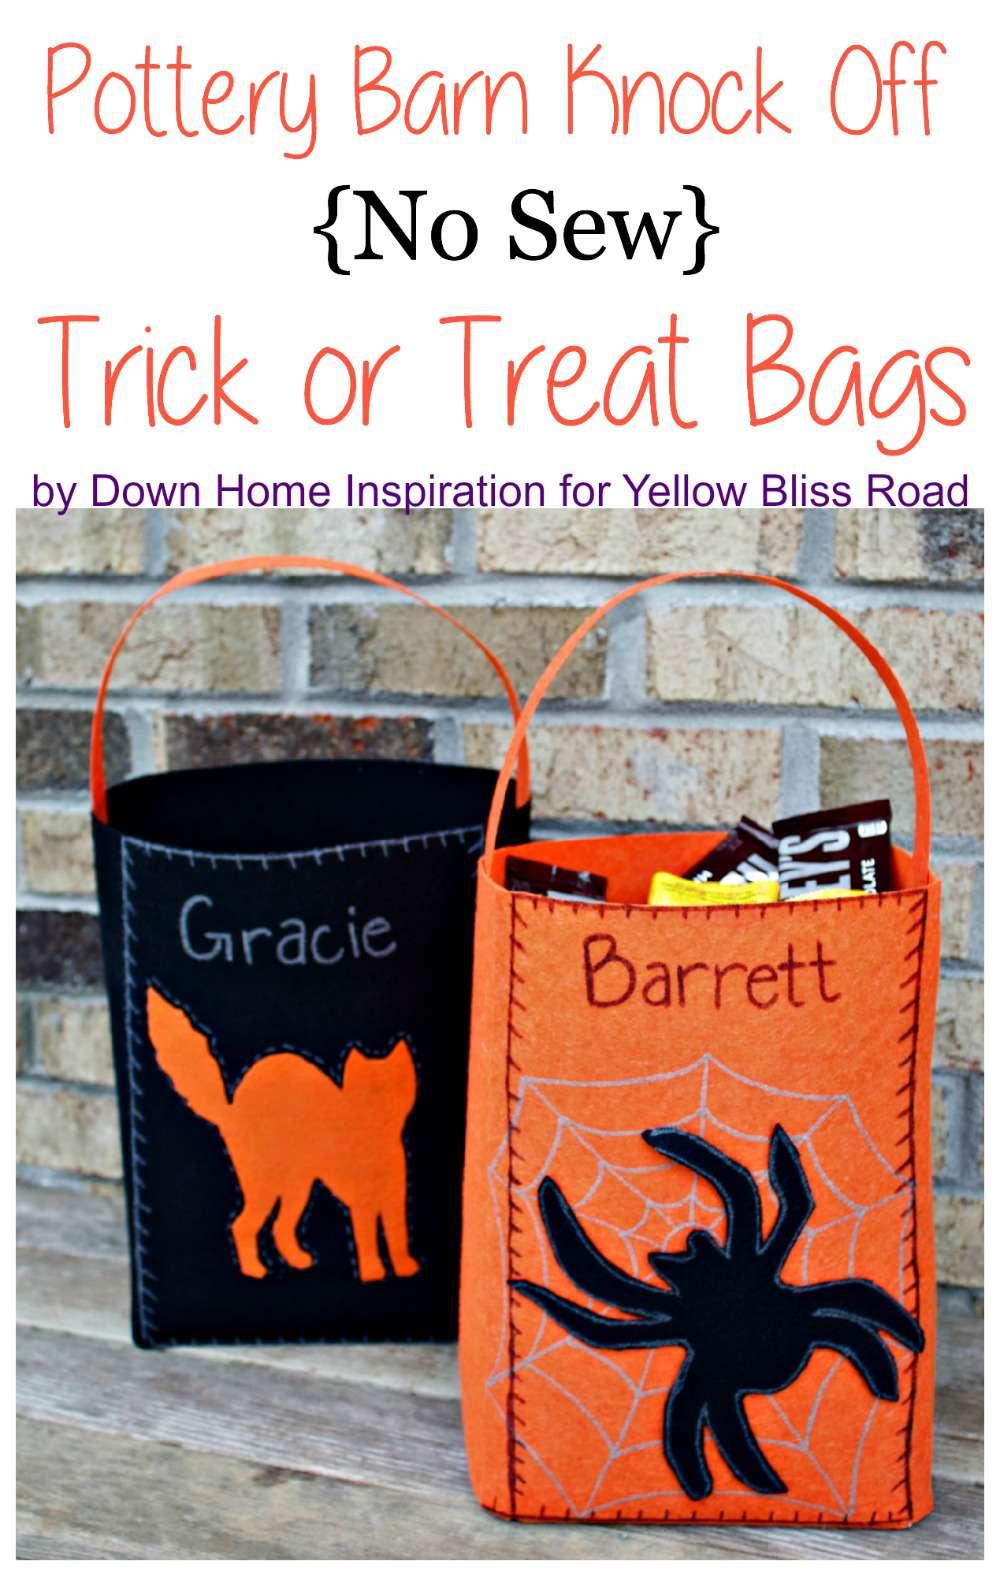 Felt bags for Halloween